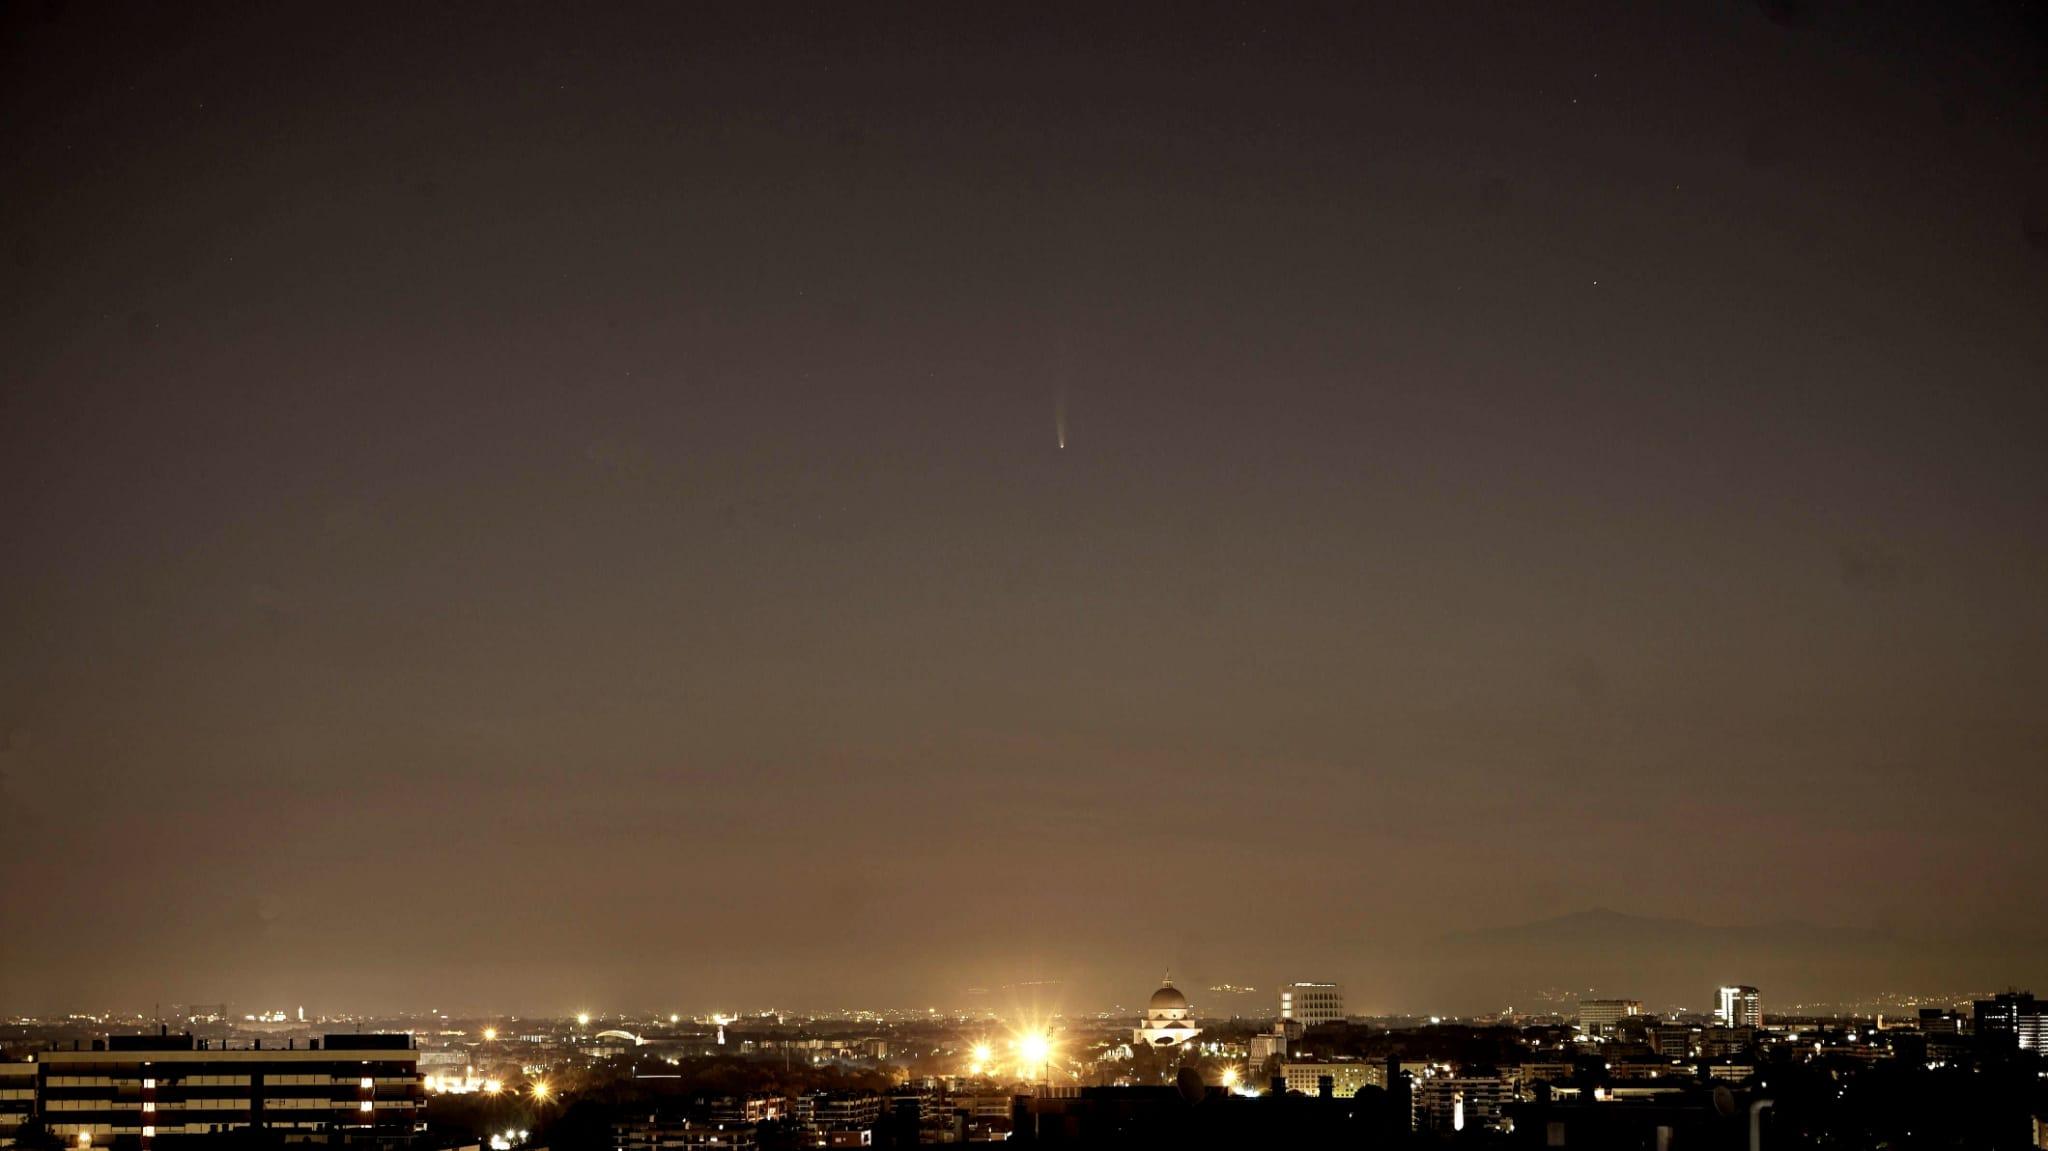 Marco Coppola riprende il passaggio della cometa il 10 luglio sopra la sede dell'Accademia delle Stelle